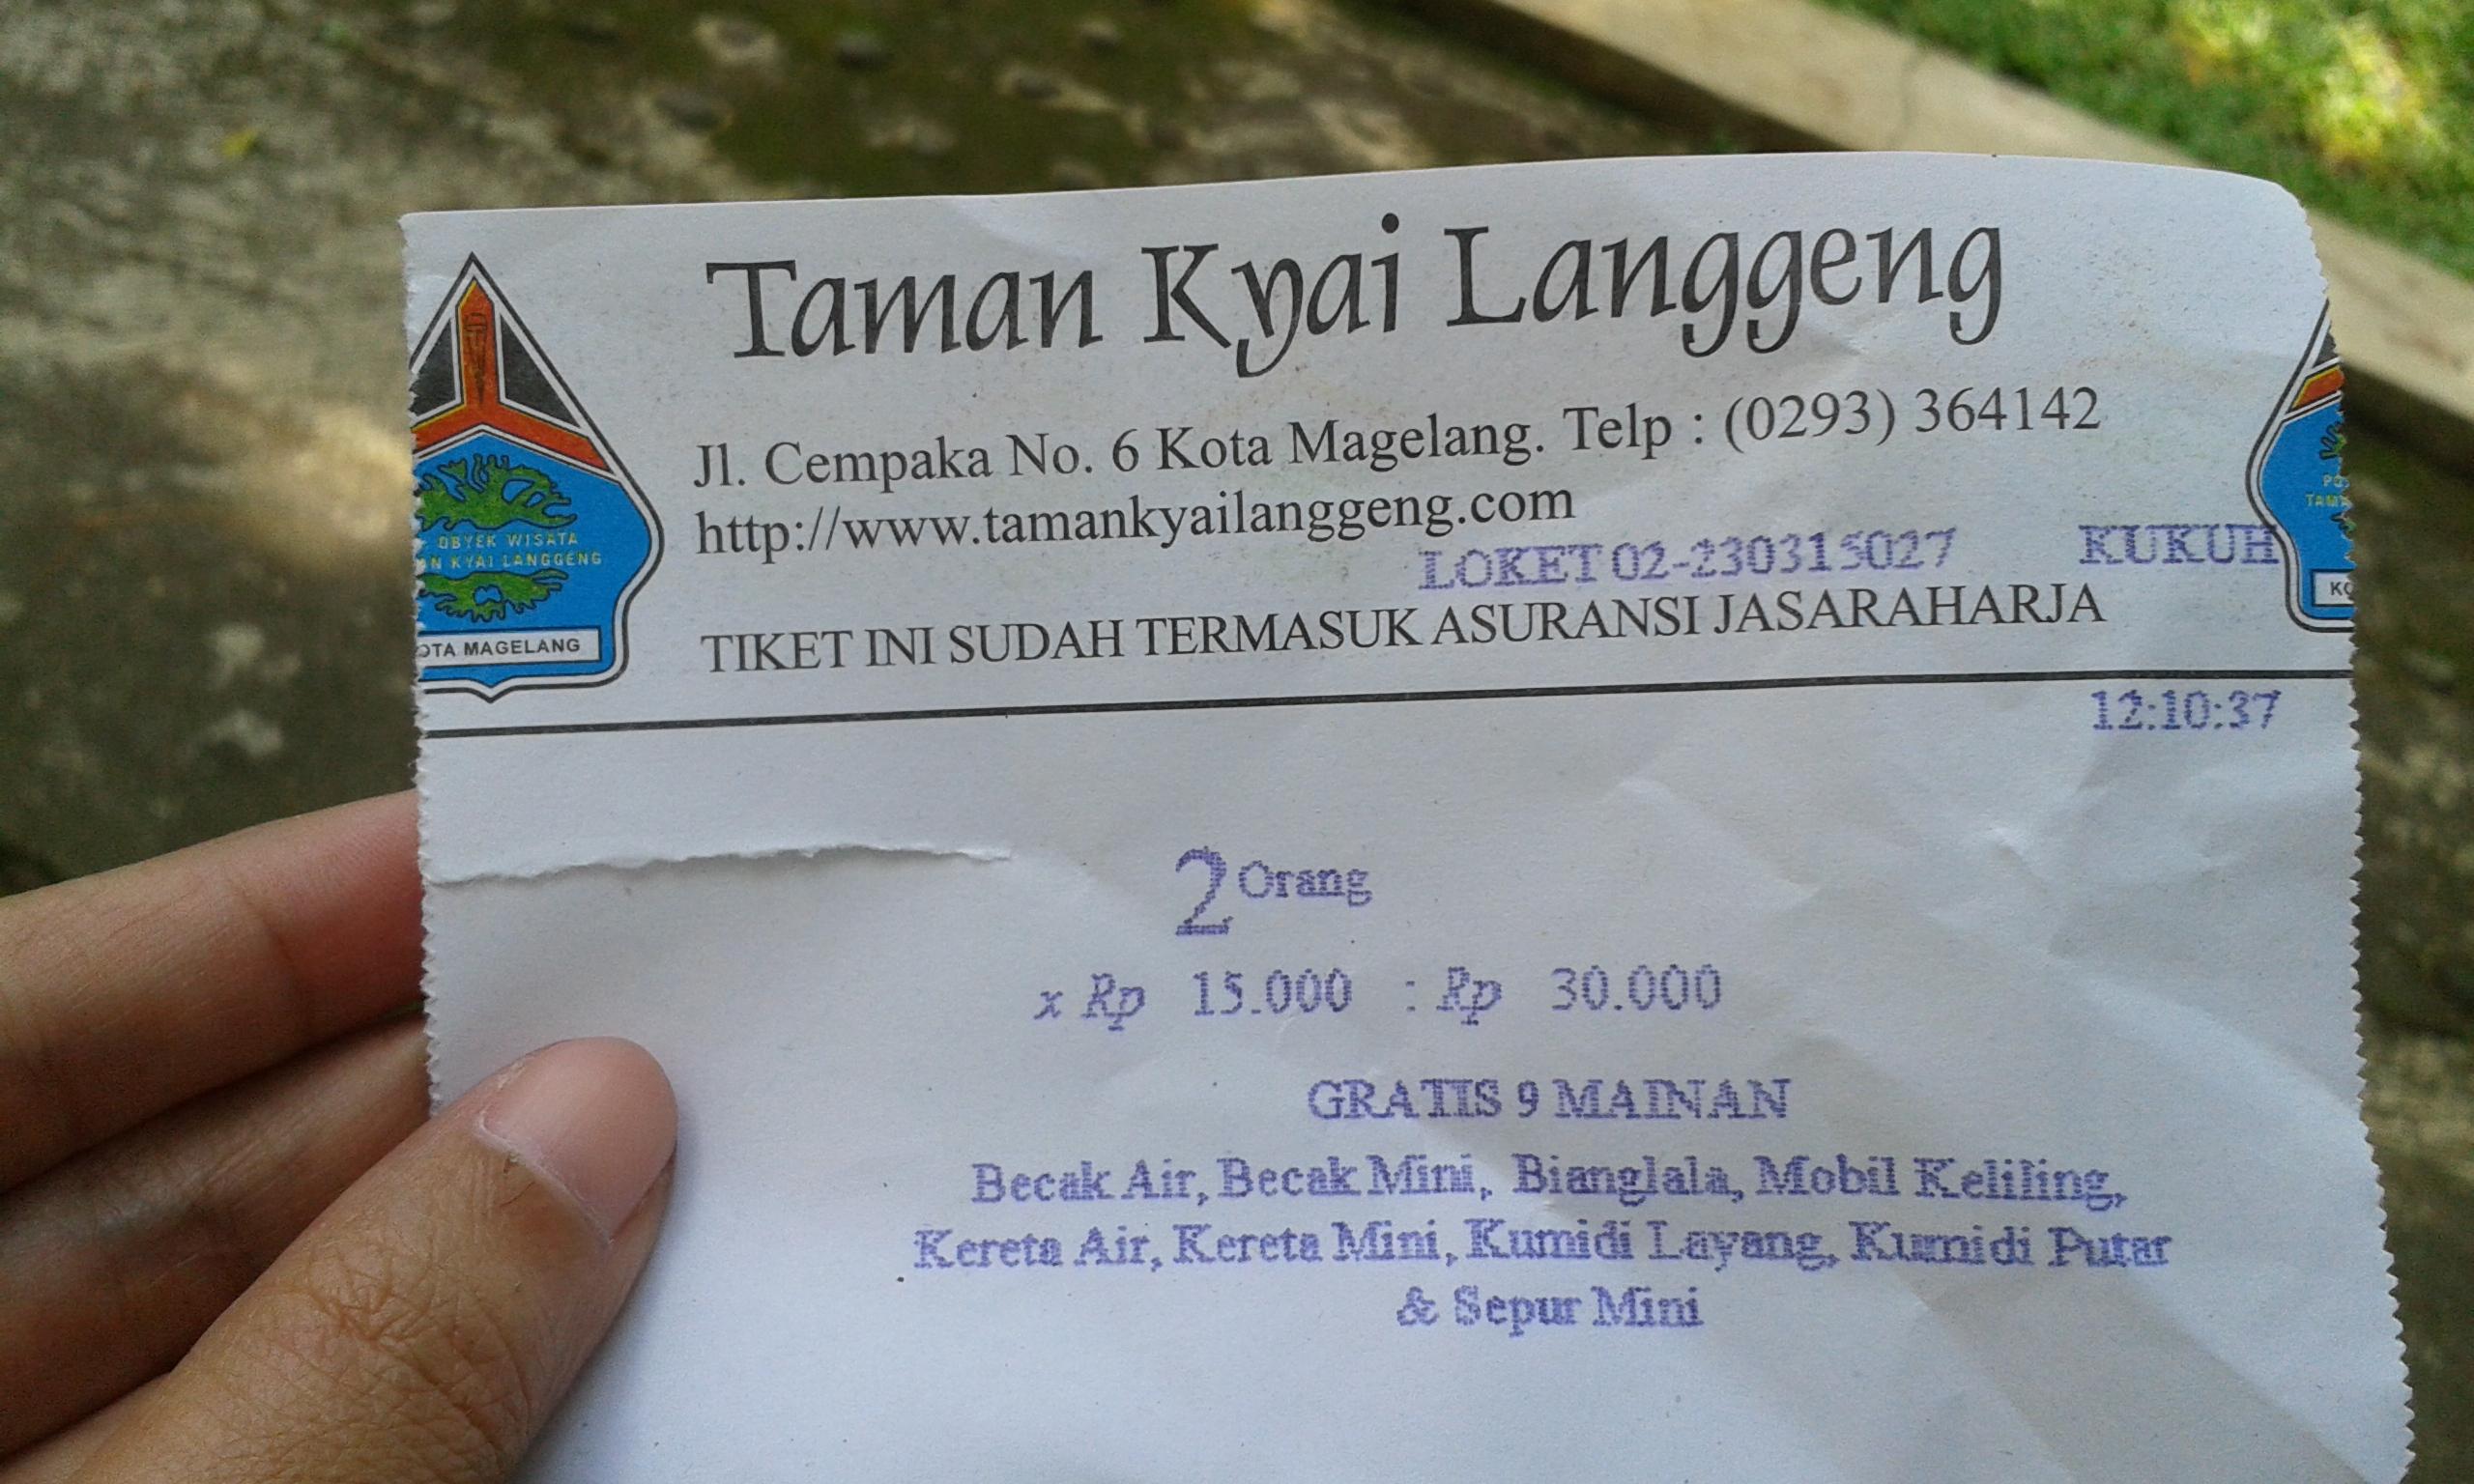 Rute Menuju Kyai Langgeng Fishyblue99 Tiket Masuk Taman Kiai Kab